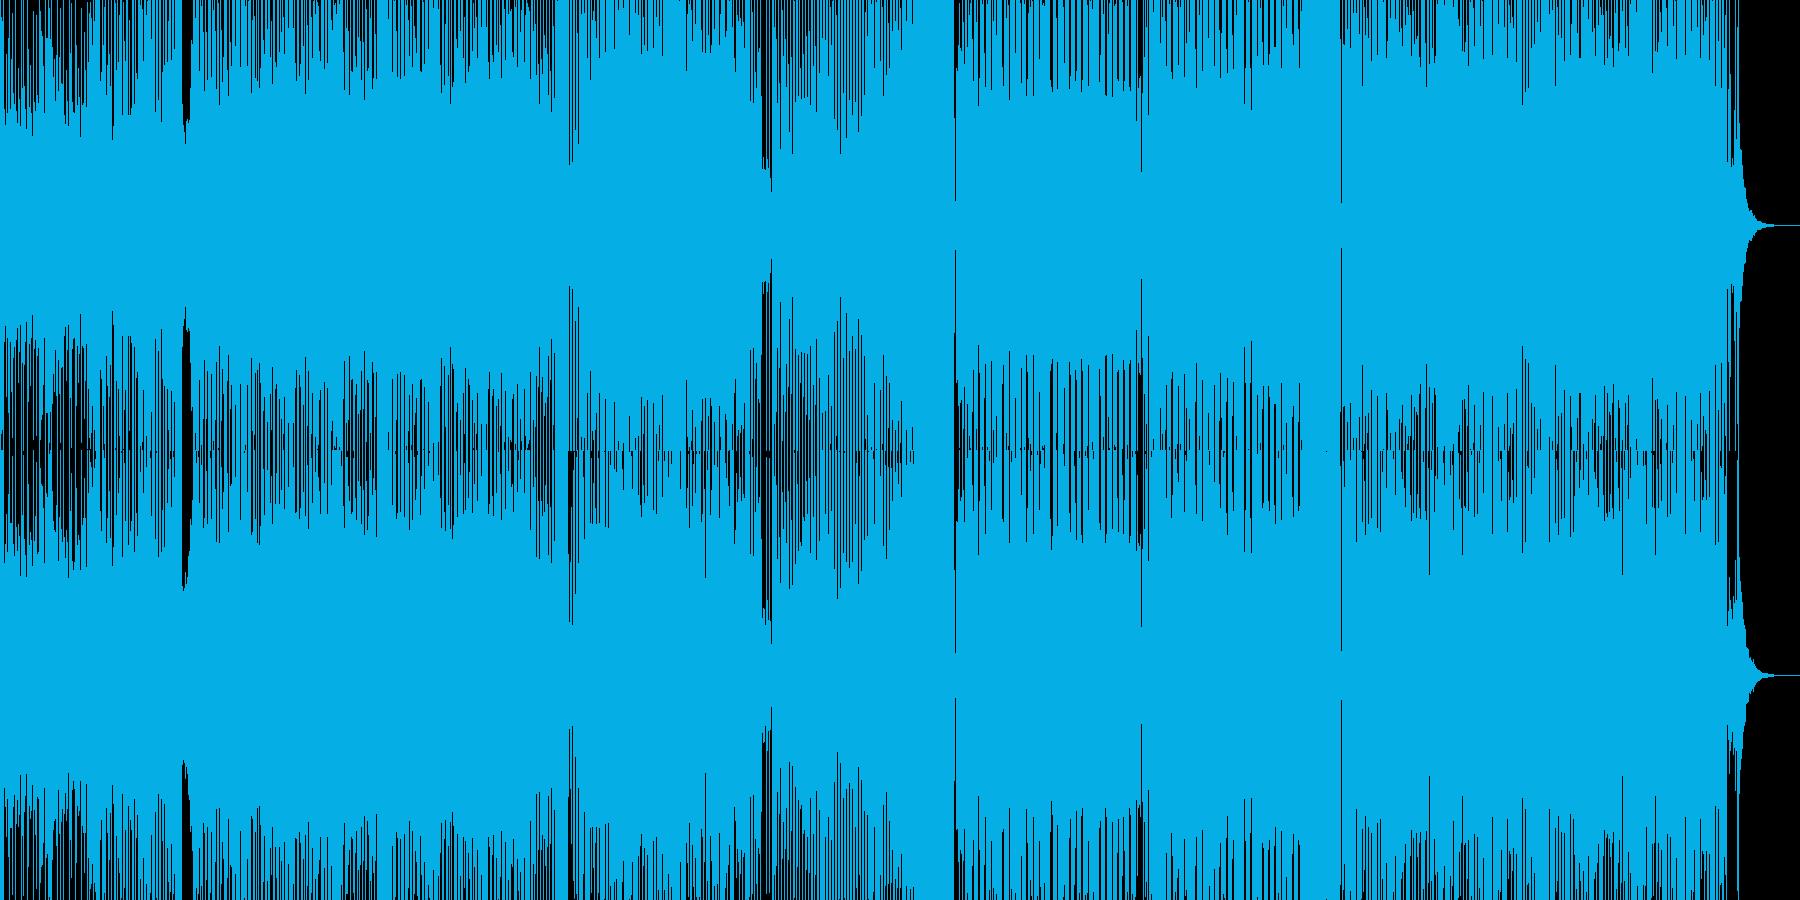 ボーカル無しのラガミュージックの再生済みの波形